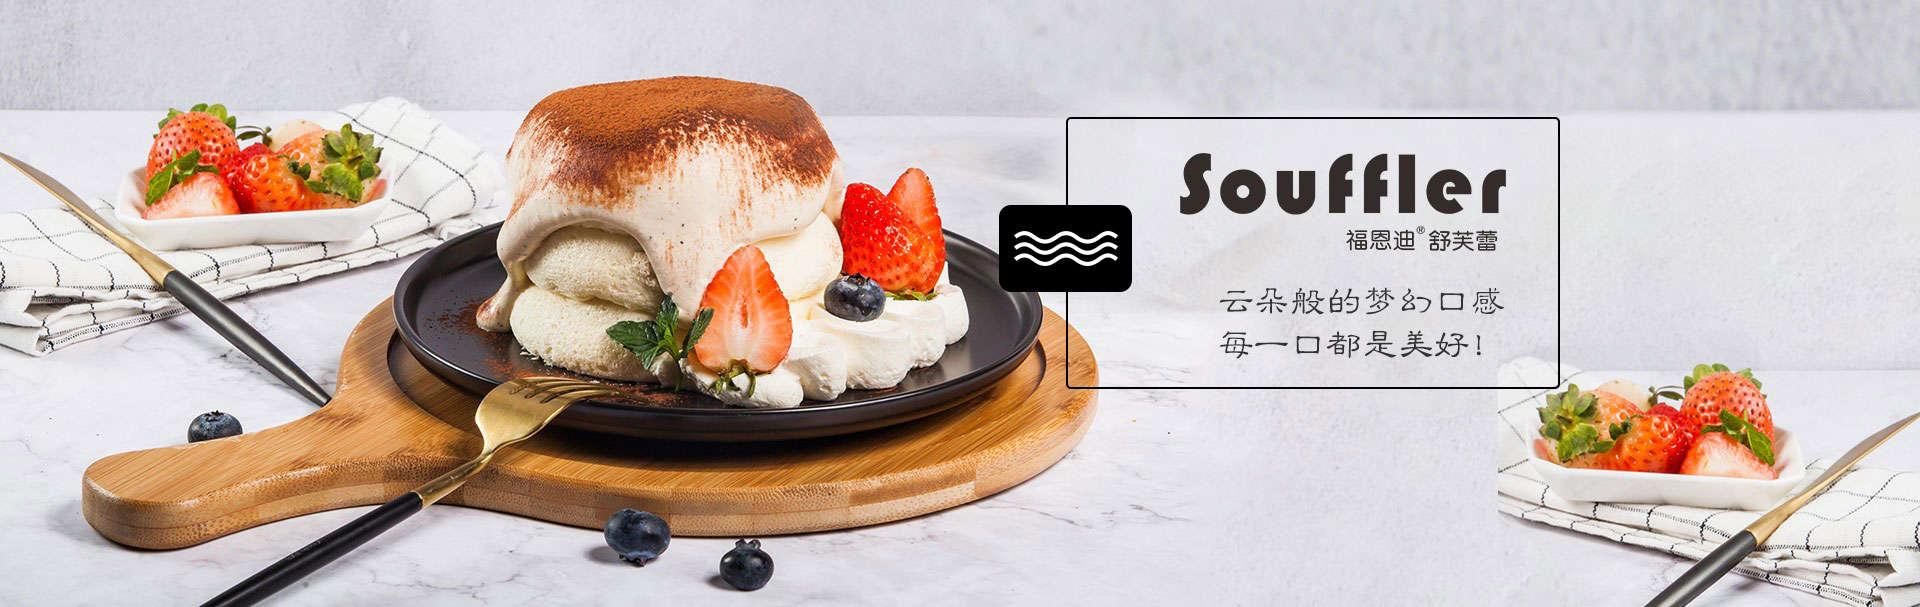 舒芙蕾创业项目_昌启餐饮甜品加盟